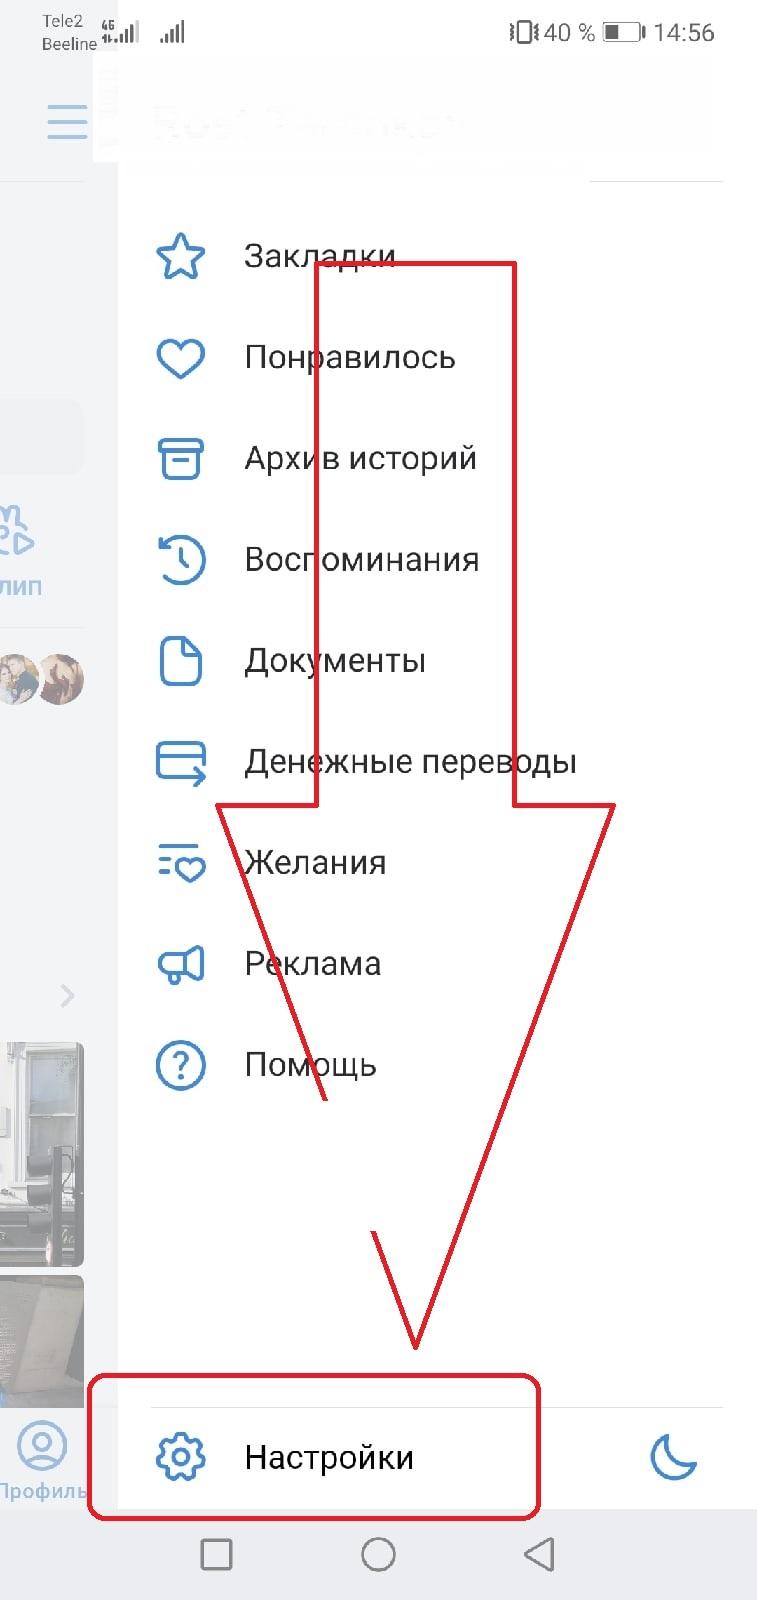 С официального приложения социальной сети ВКонтакте на андроид